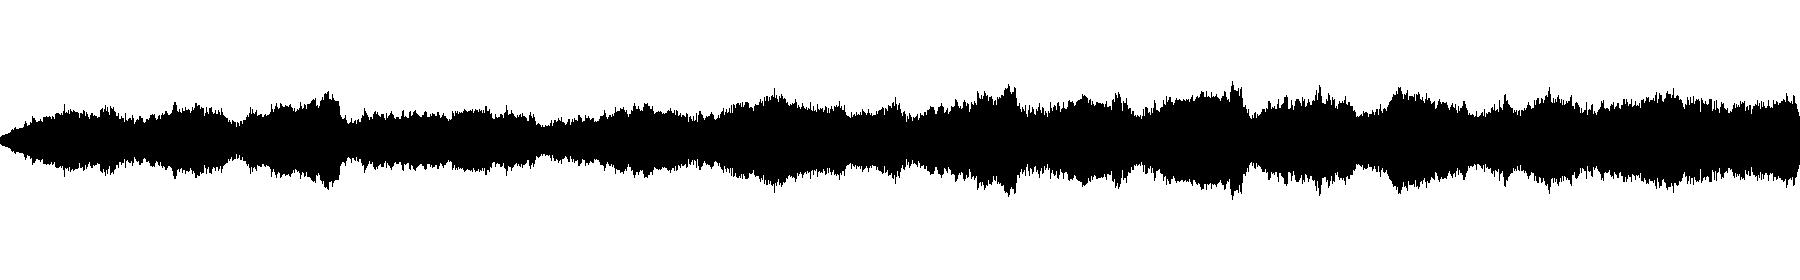 melody 17bpm125keyc